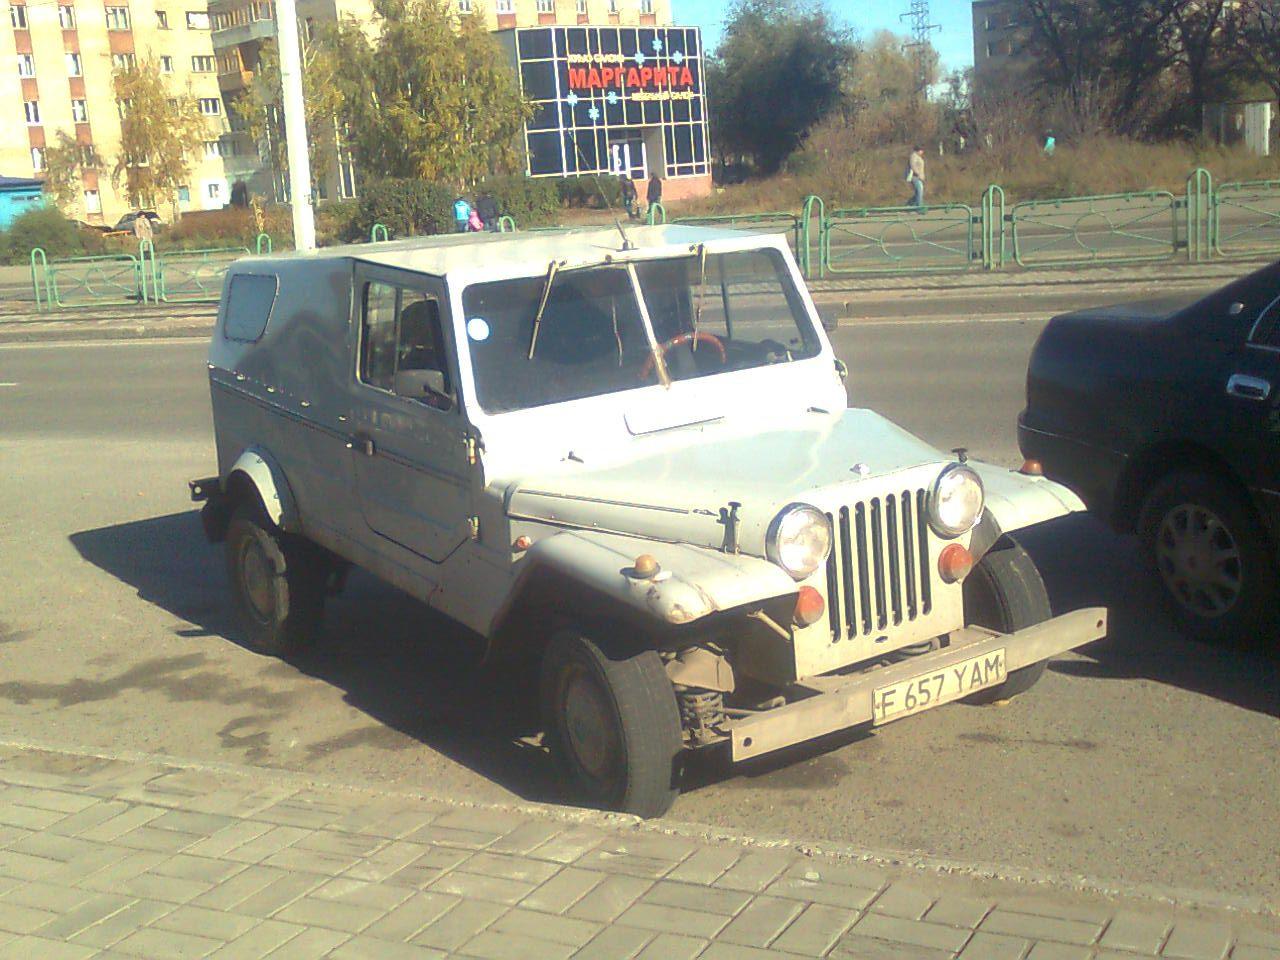 1980 (?). САМАВТО. Казахстан. Усть-Каменогорск. Автор неизвестен